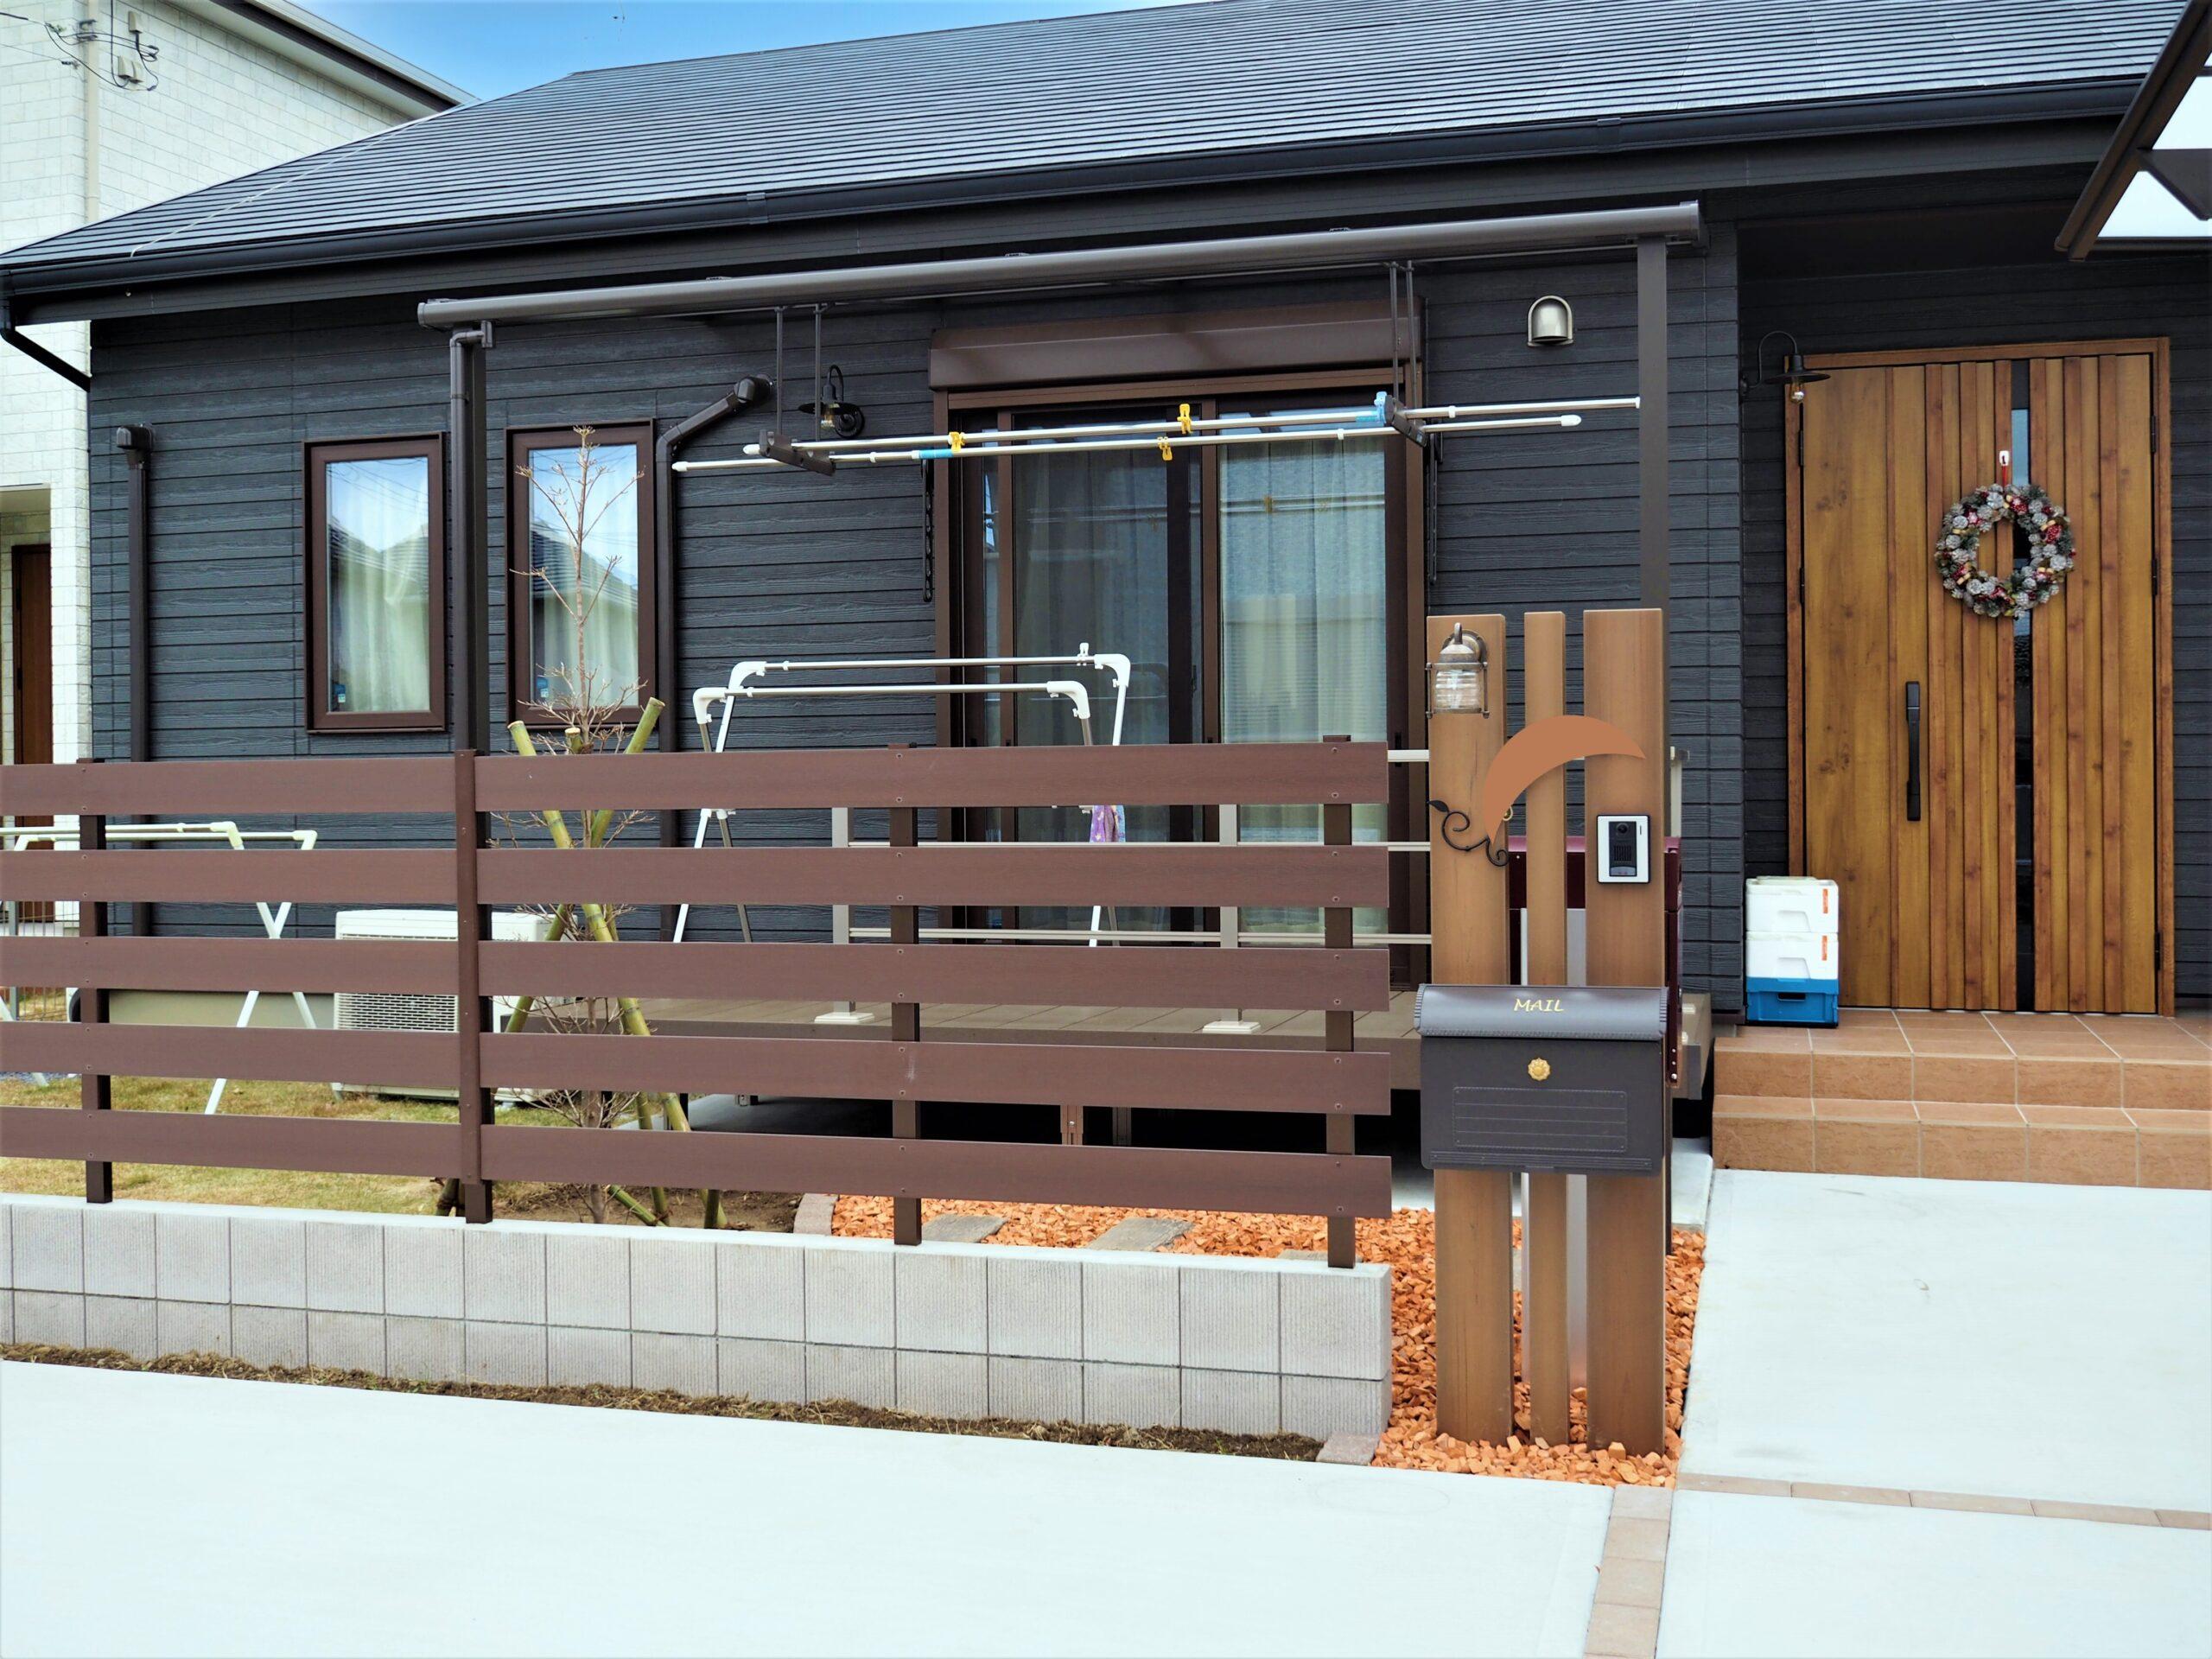 【阿見町 A様邸】目隠し機能と開放的な庭空間を両立させたセミオープンフェンス